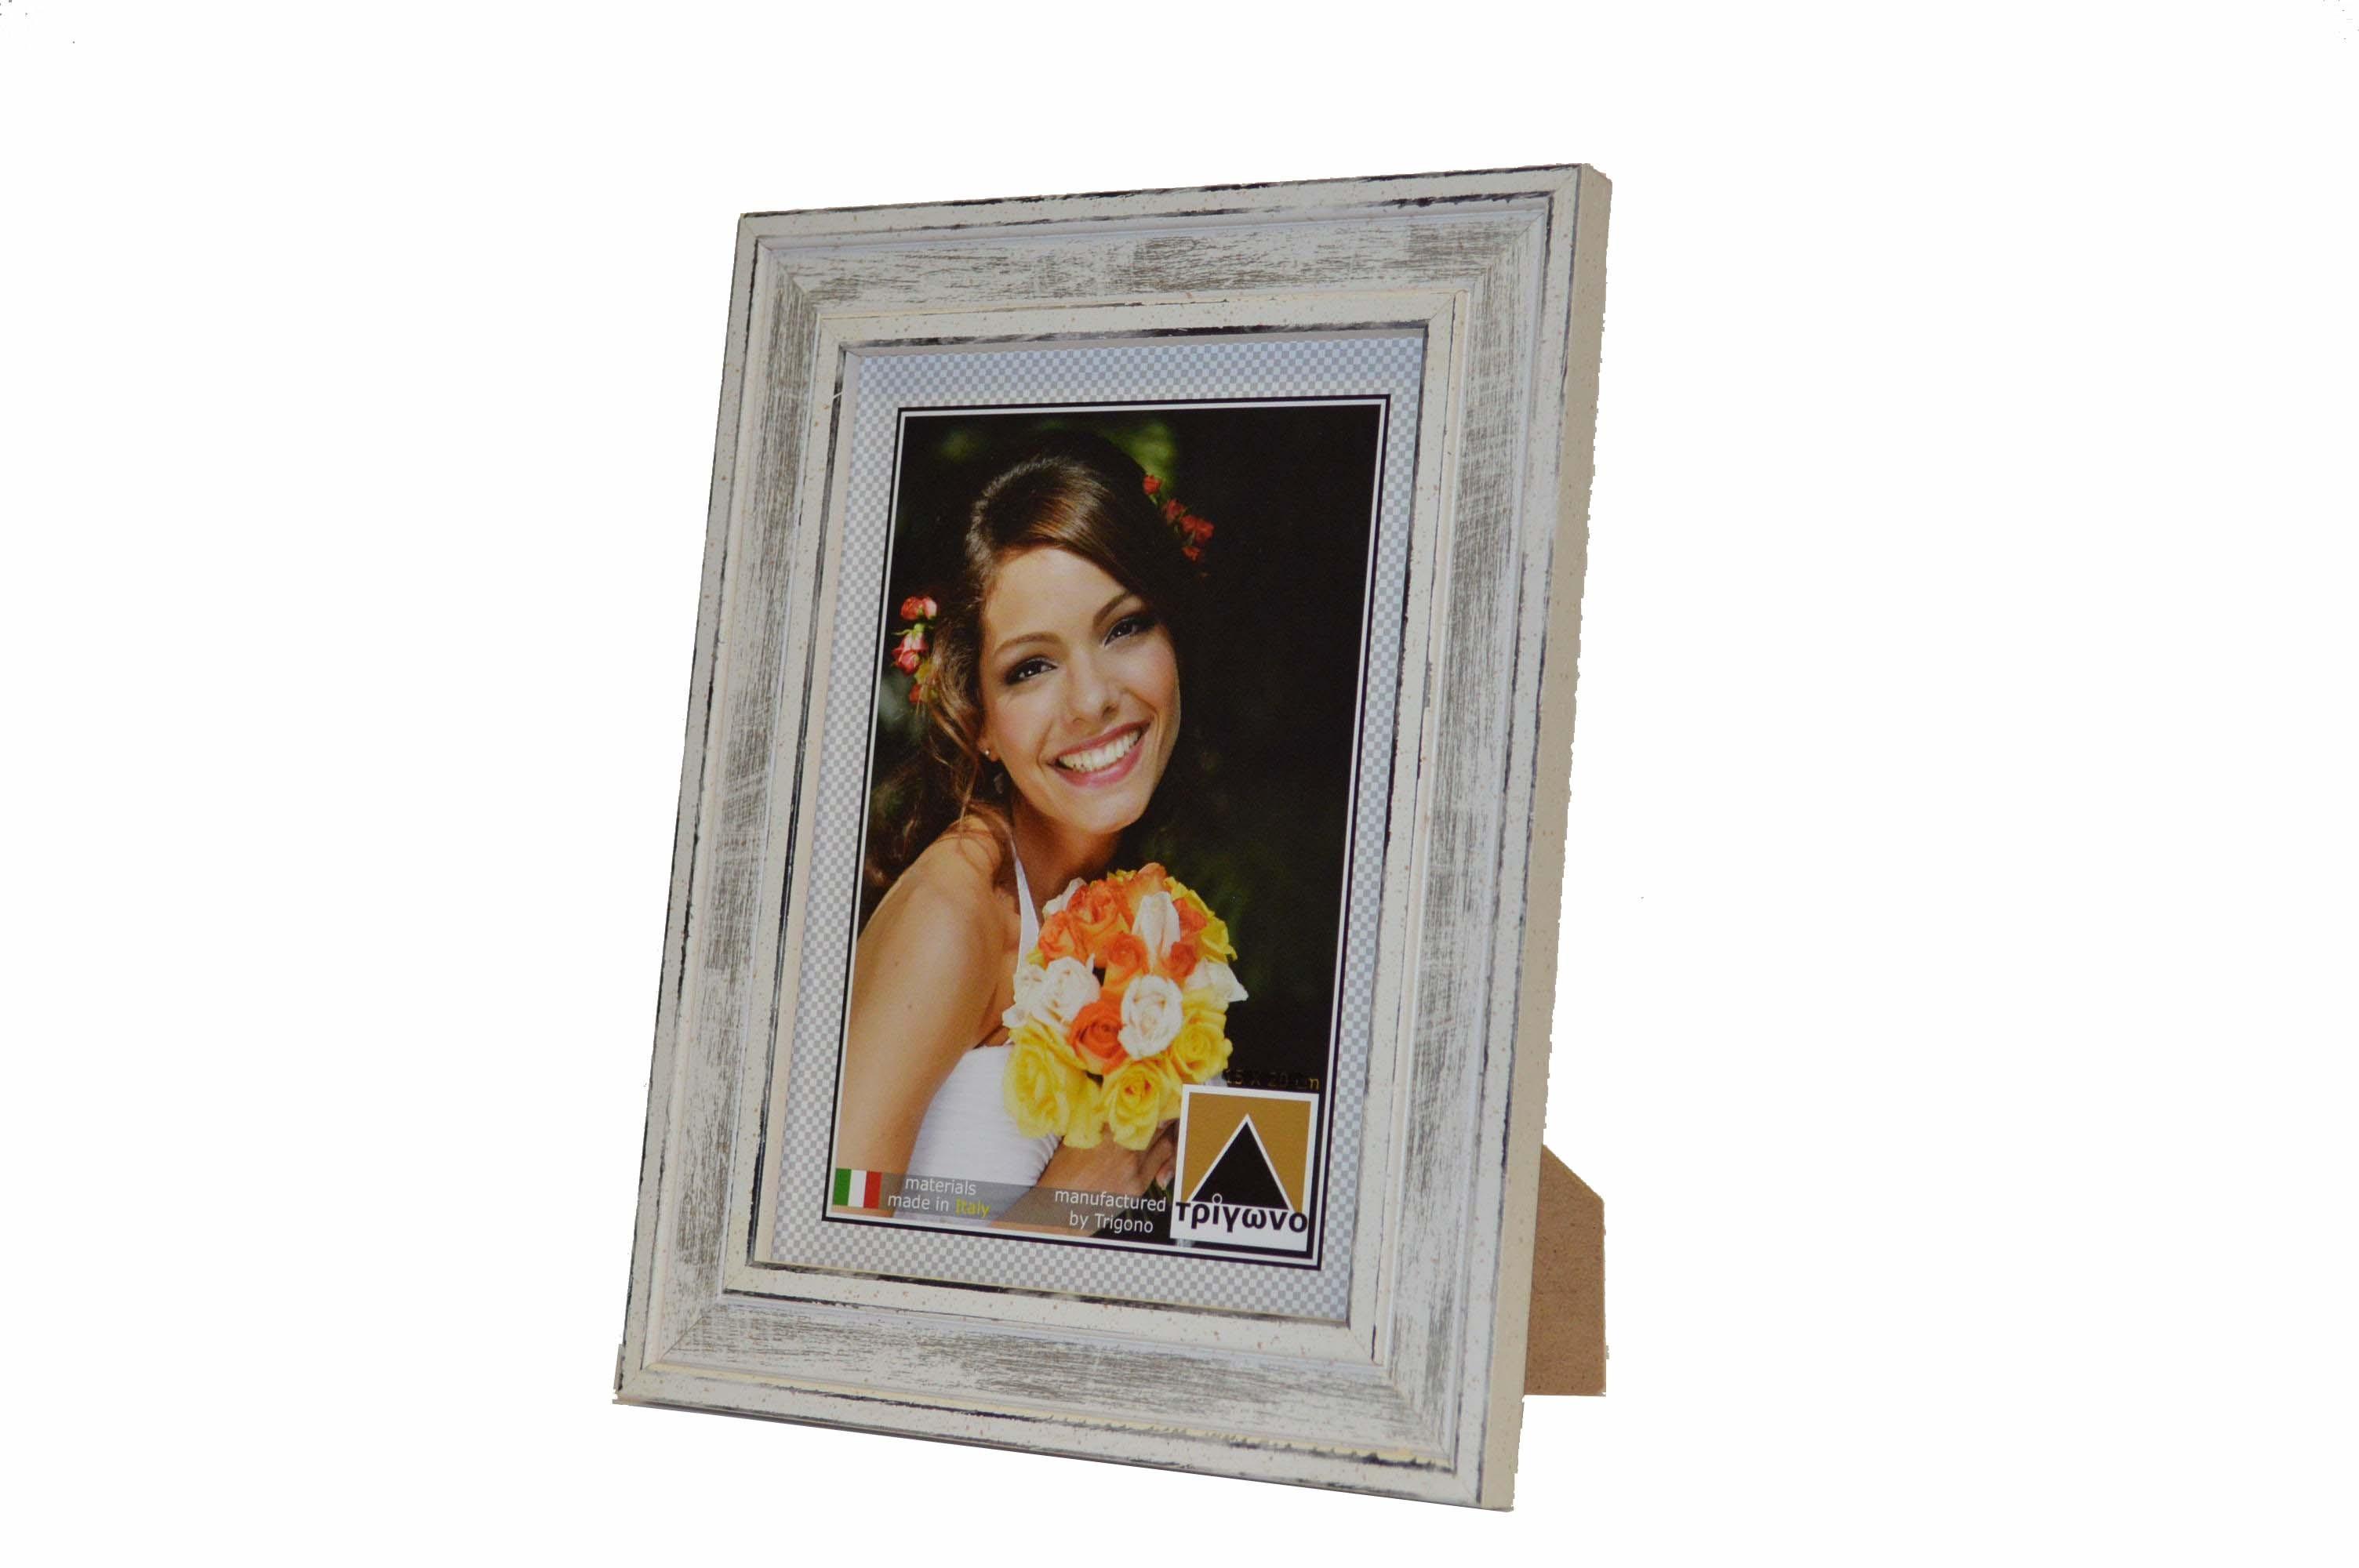 341 Κορνίζα ξύλινη τοίχου ή επιτραπέζια για φωτογραφίες 13x18